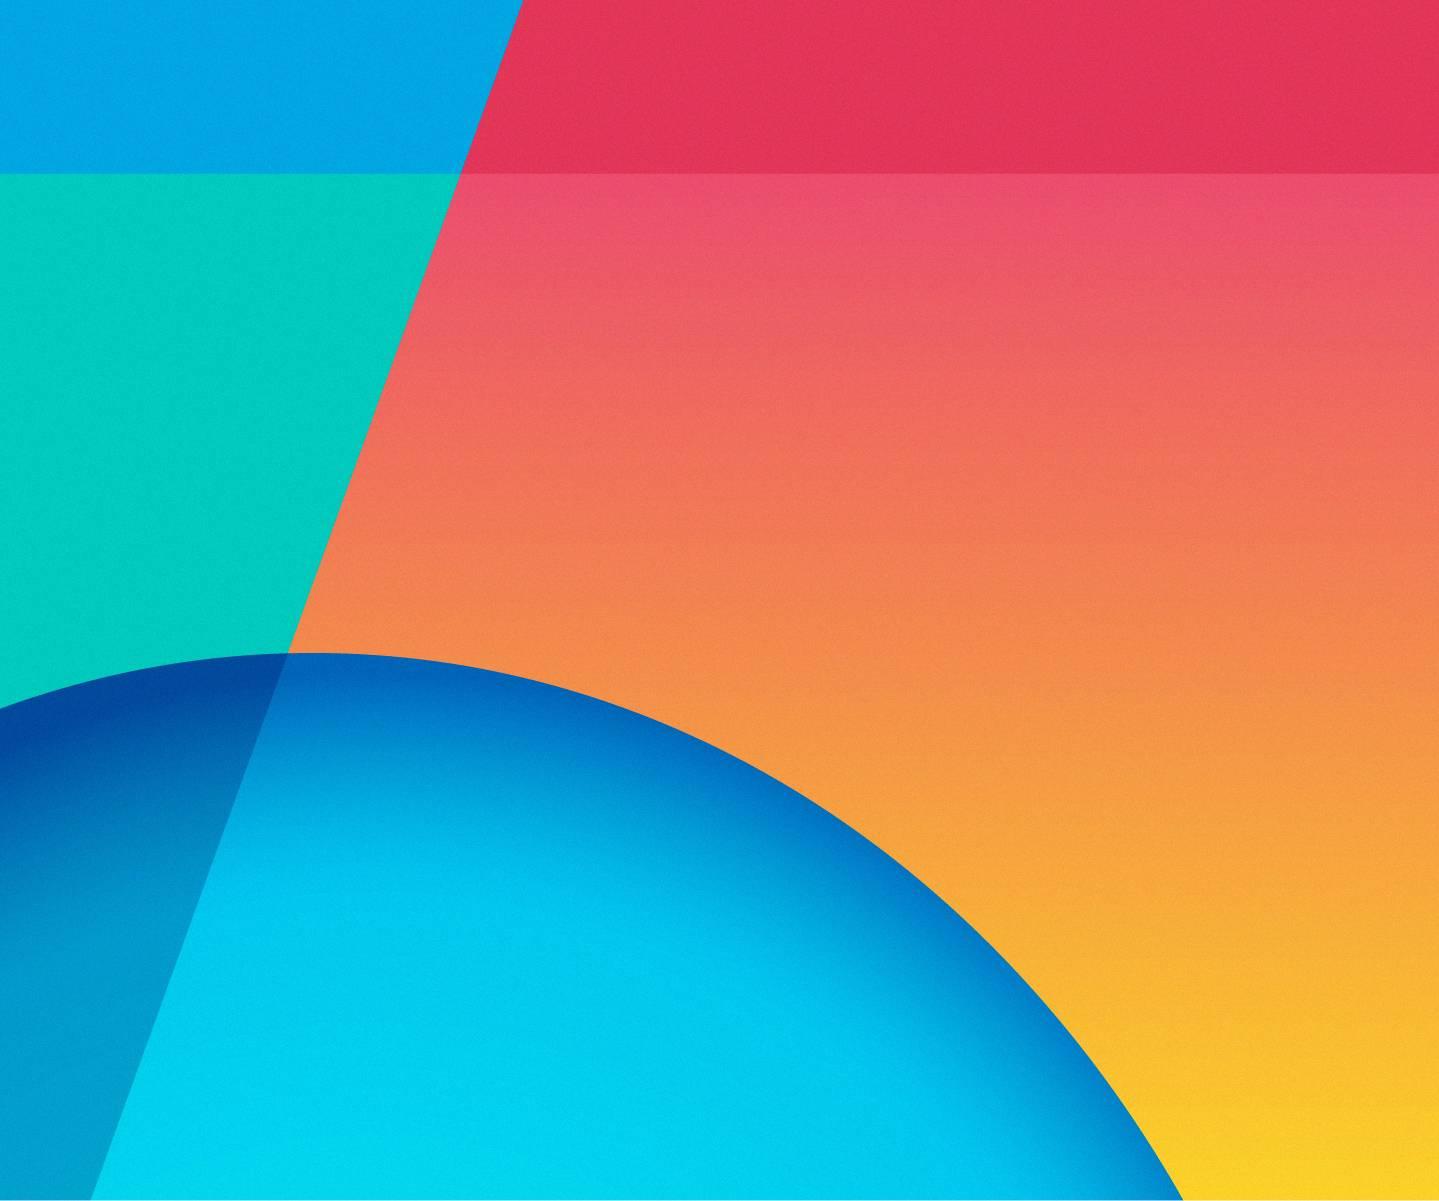 Free Desktop Backgrounds Nexus - Wallpaper Cave